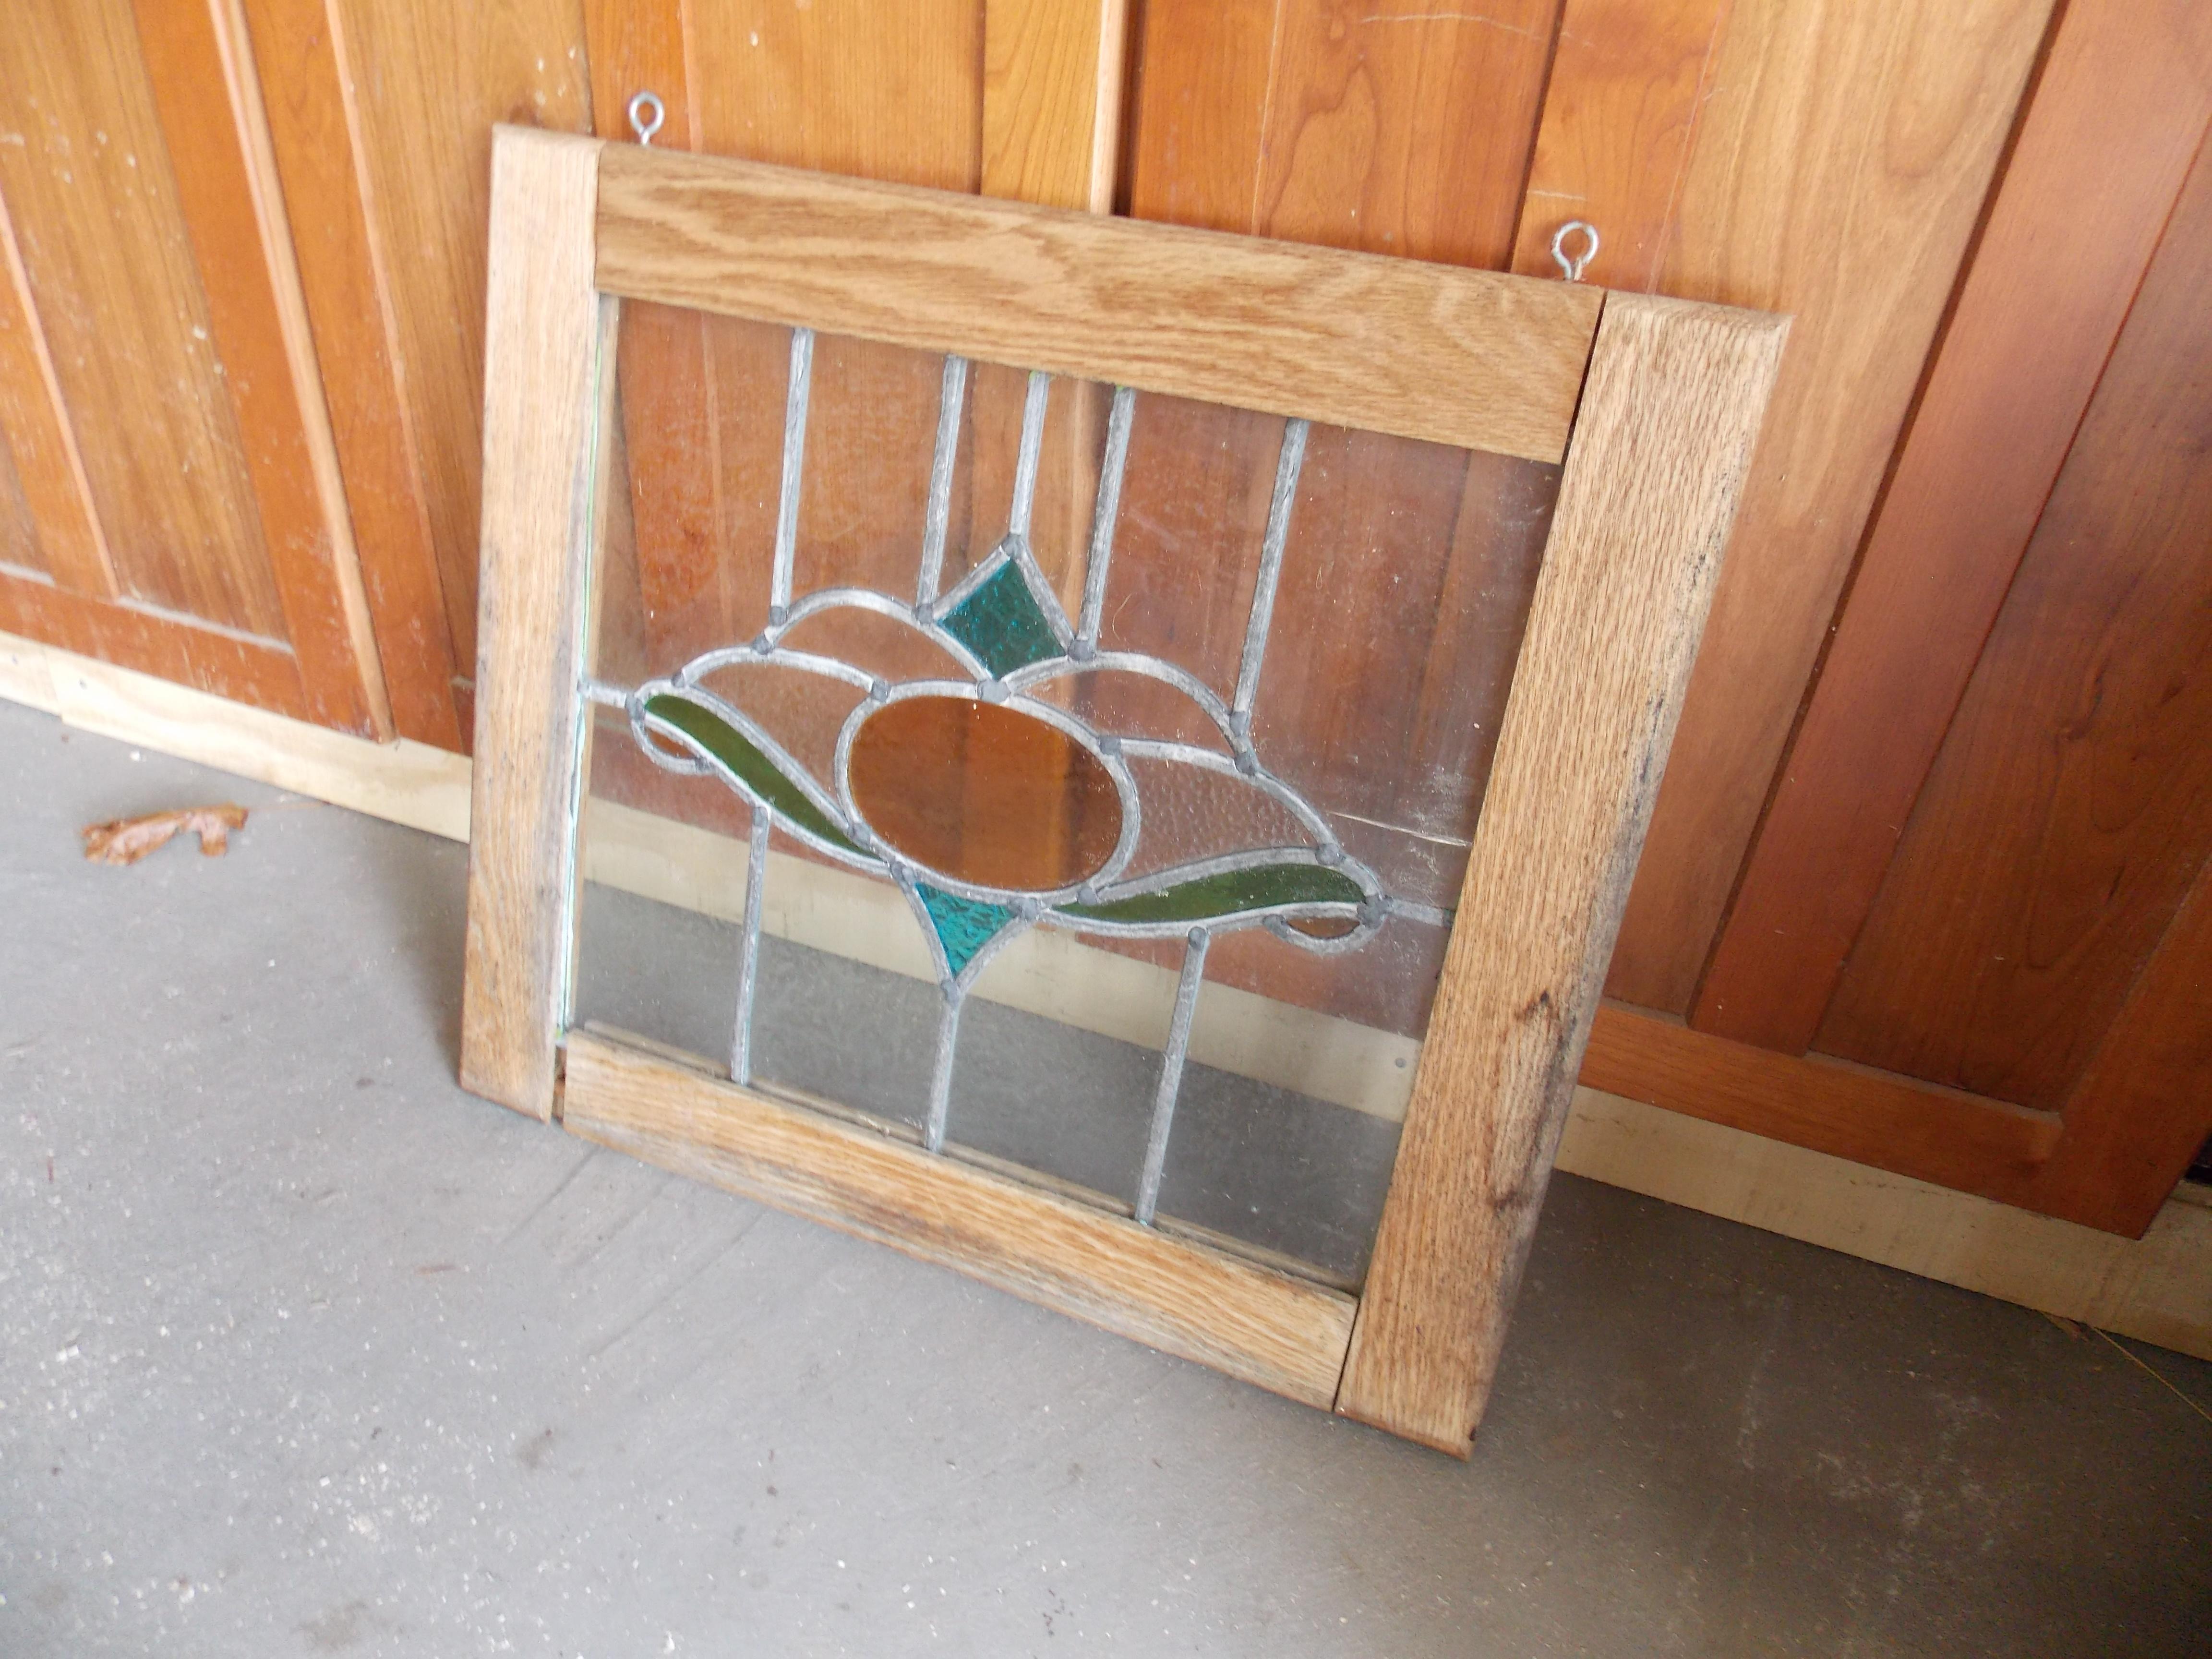 Oak-Framed Stained Glass Window Damaged by Sunlight & Rain